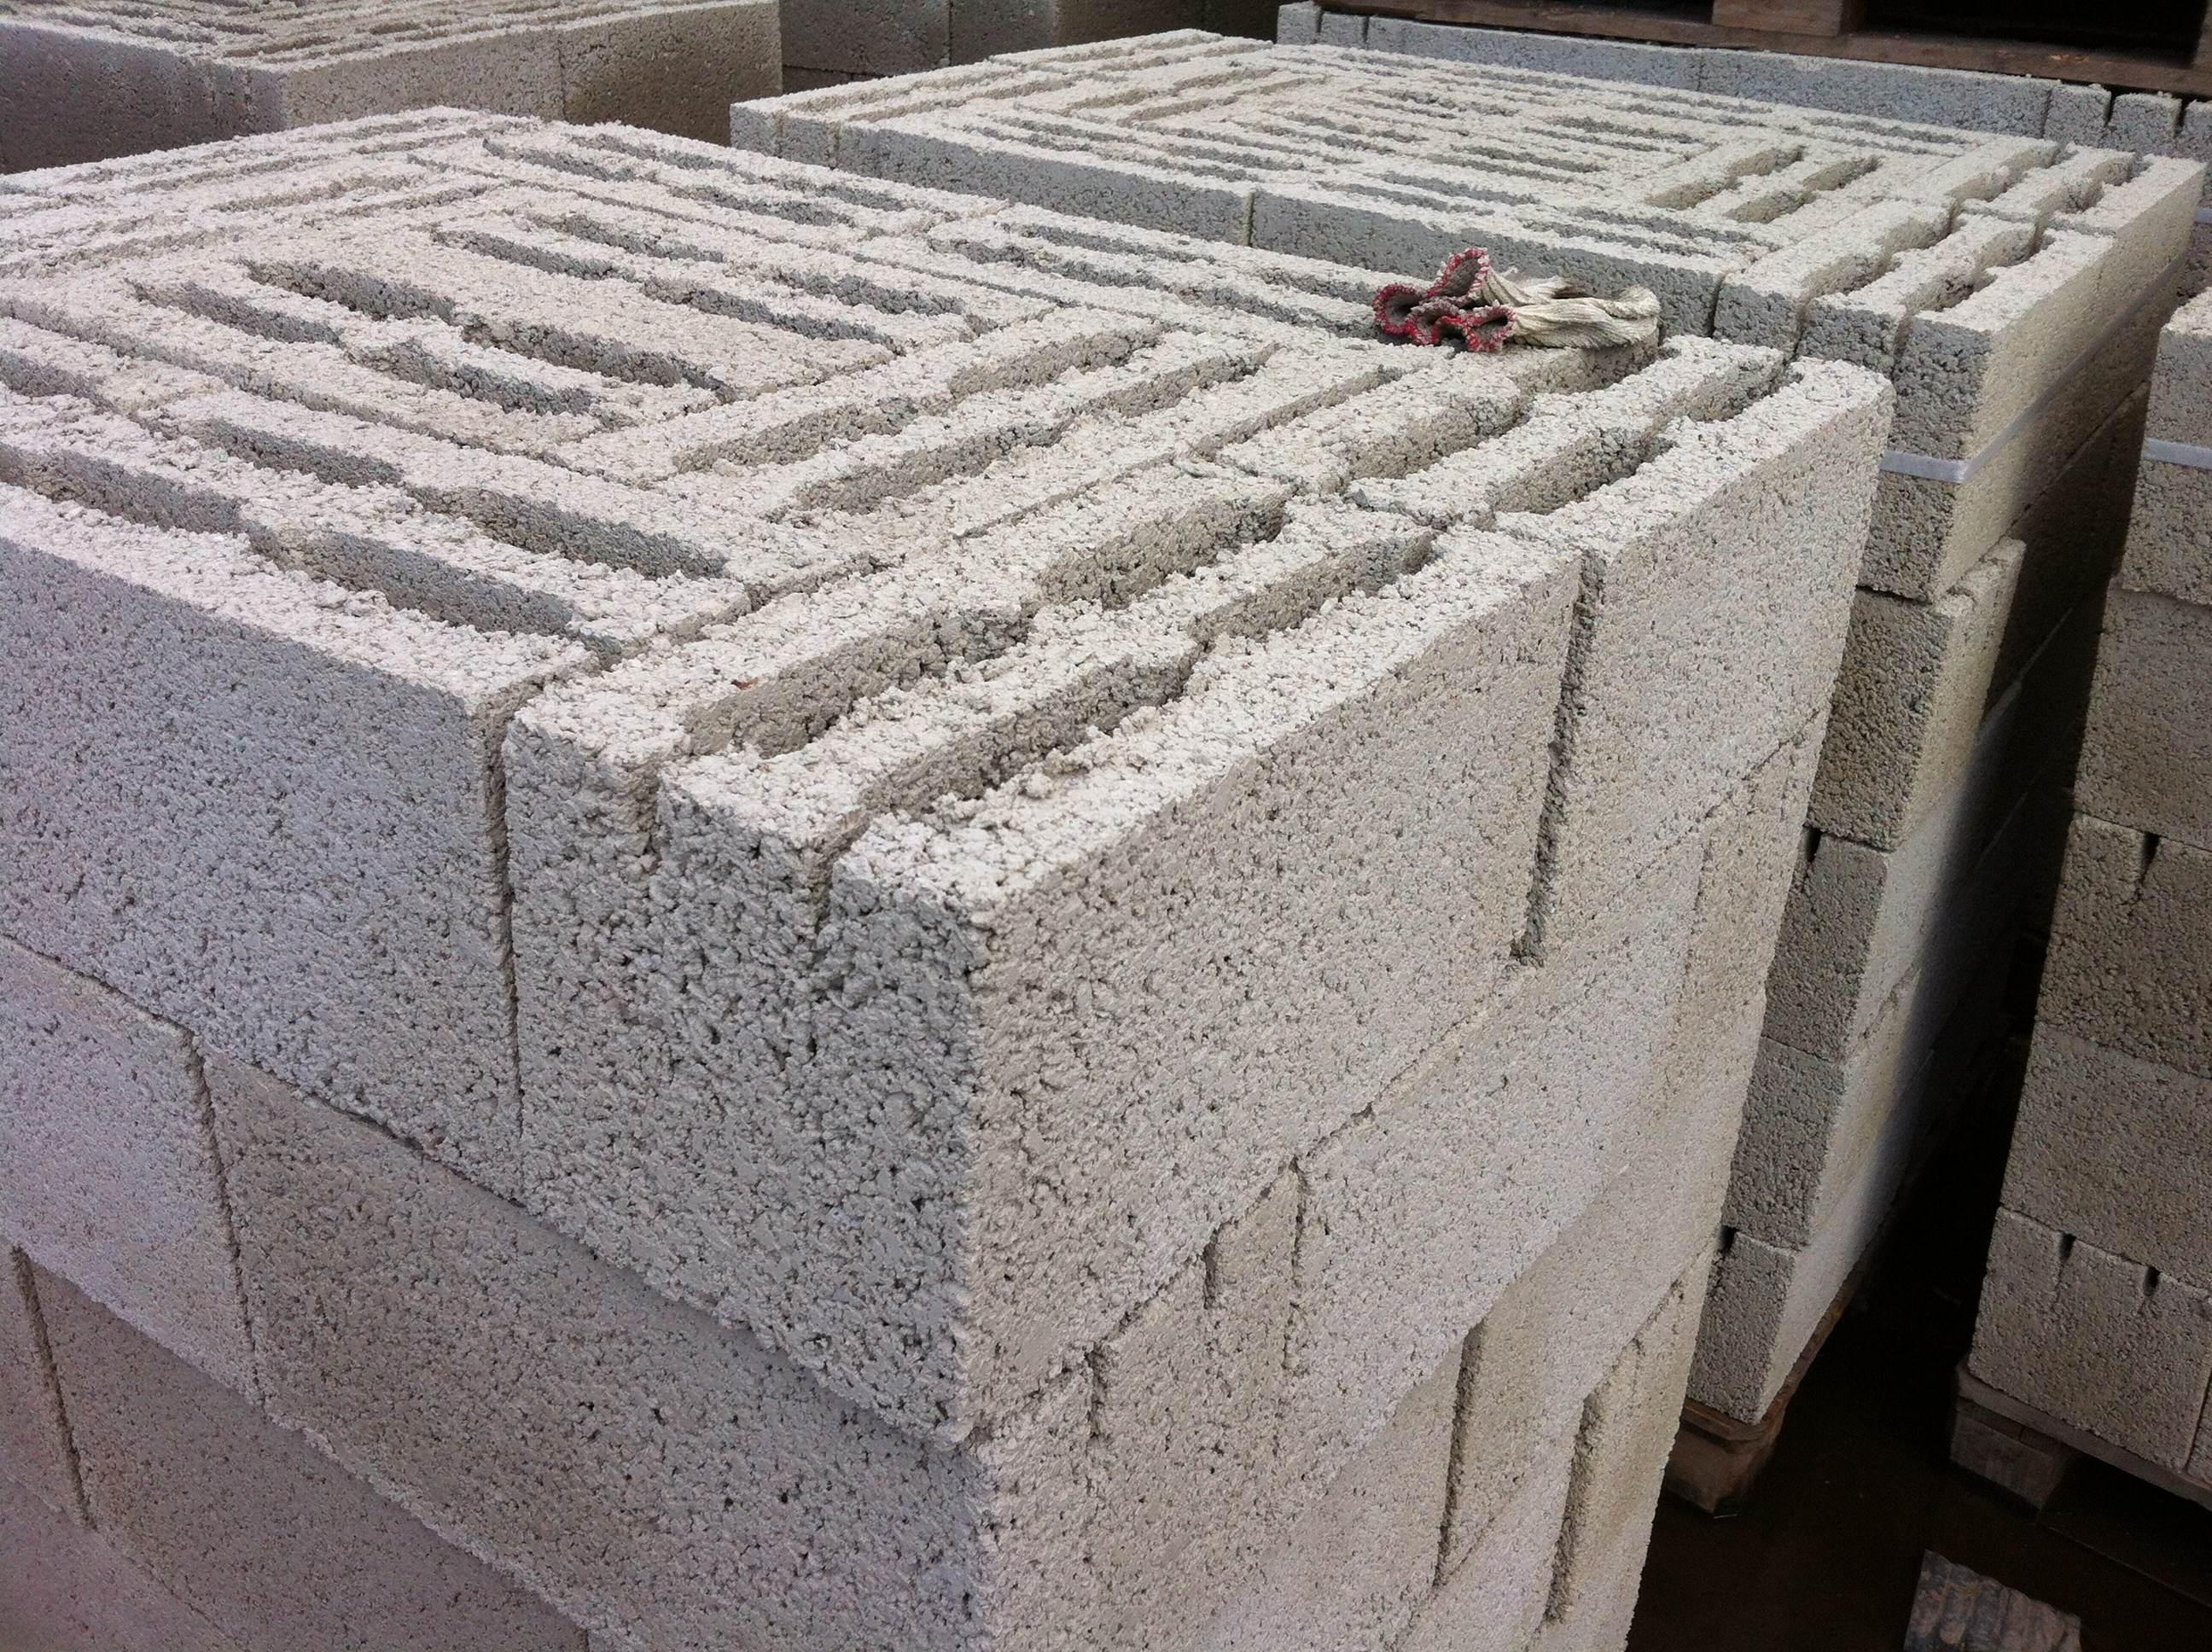 того, картинки блоков для строительства как правило, крыму